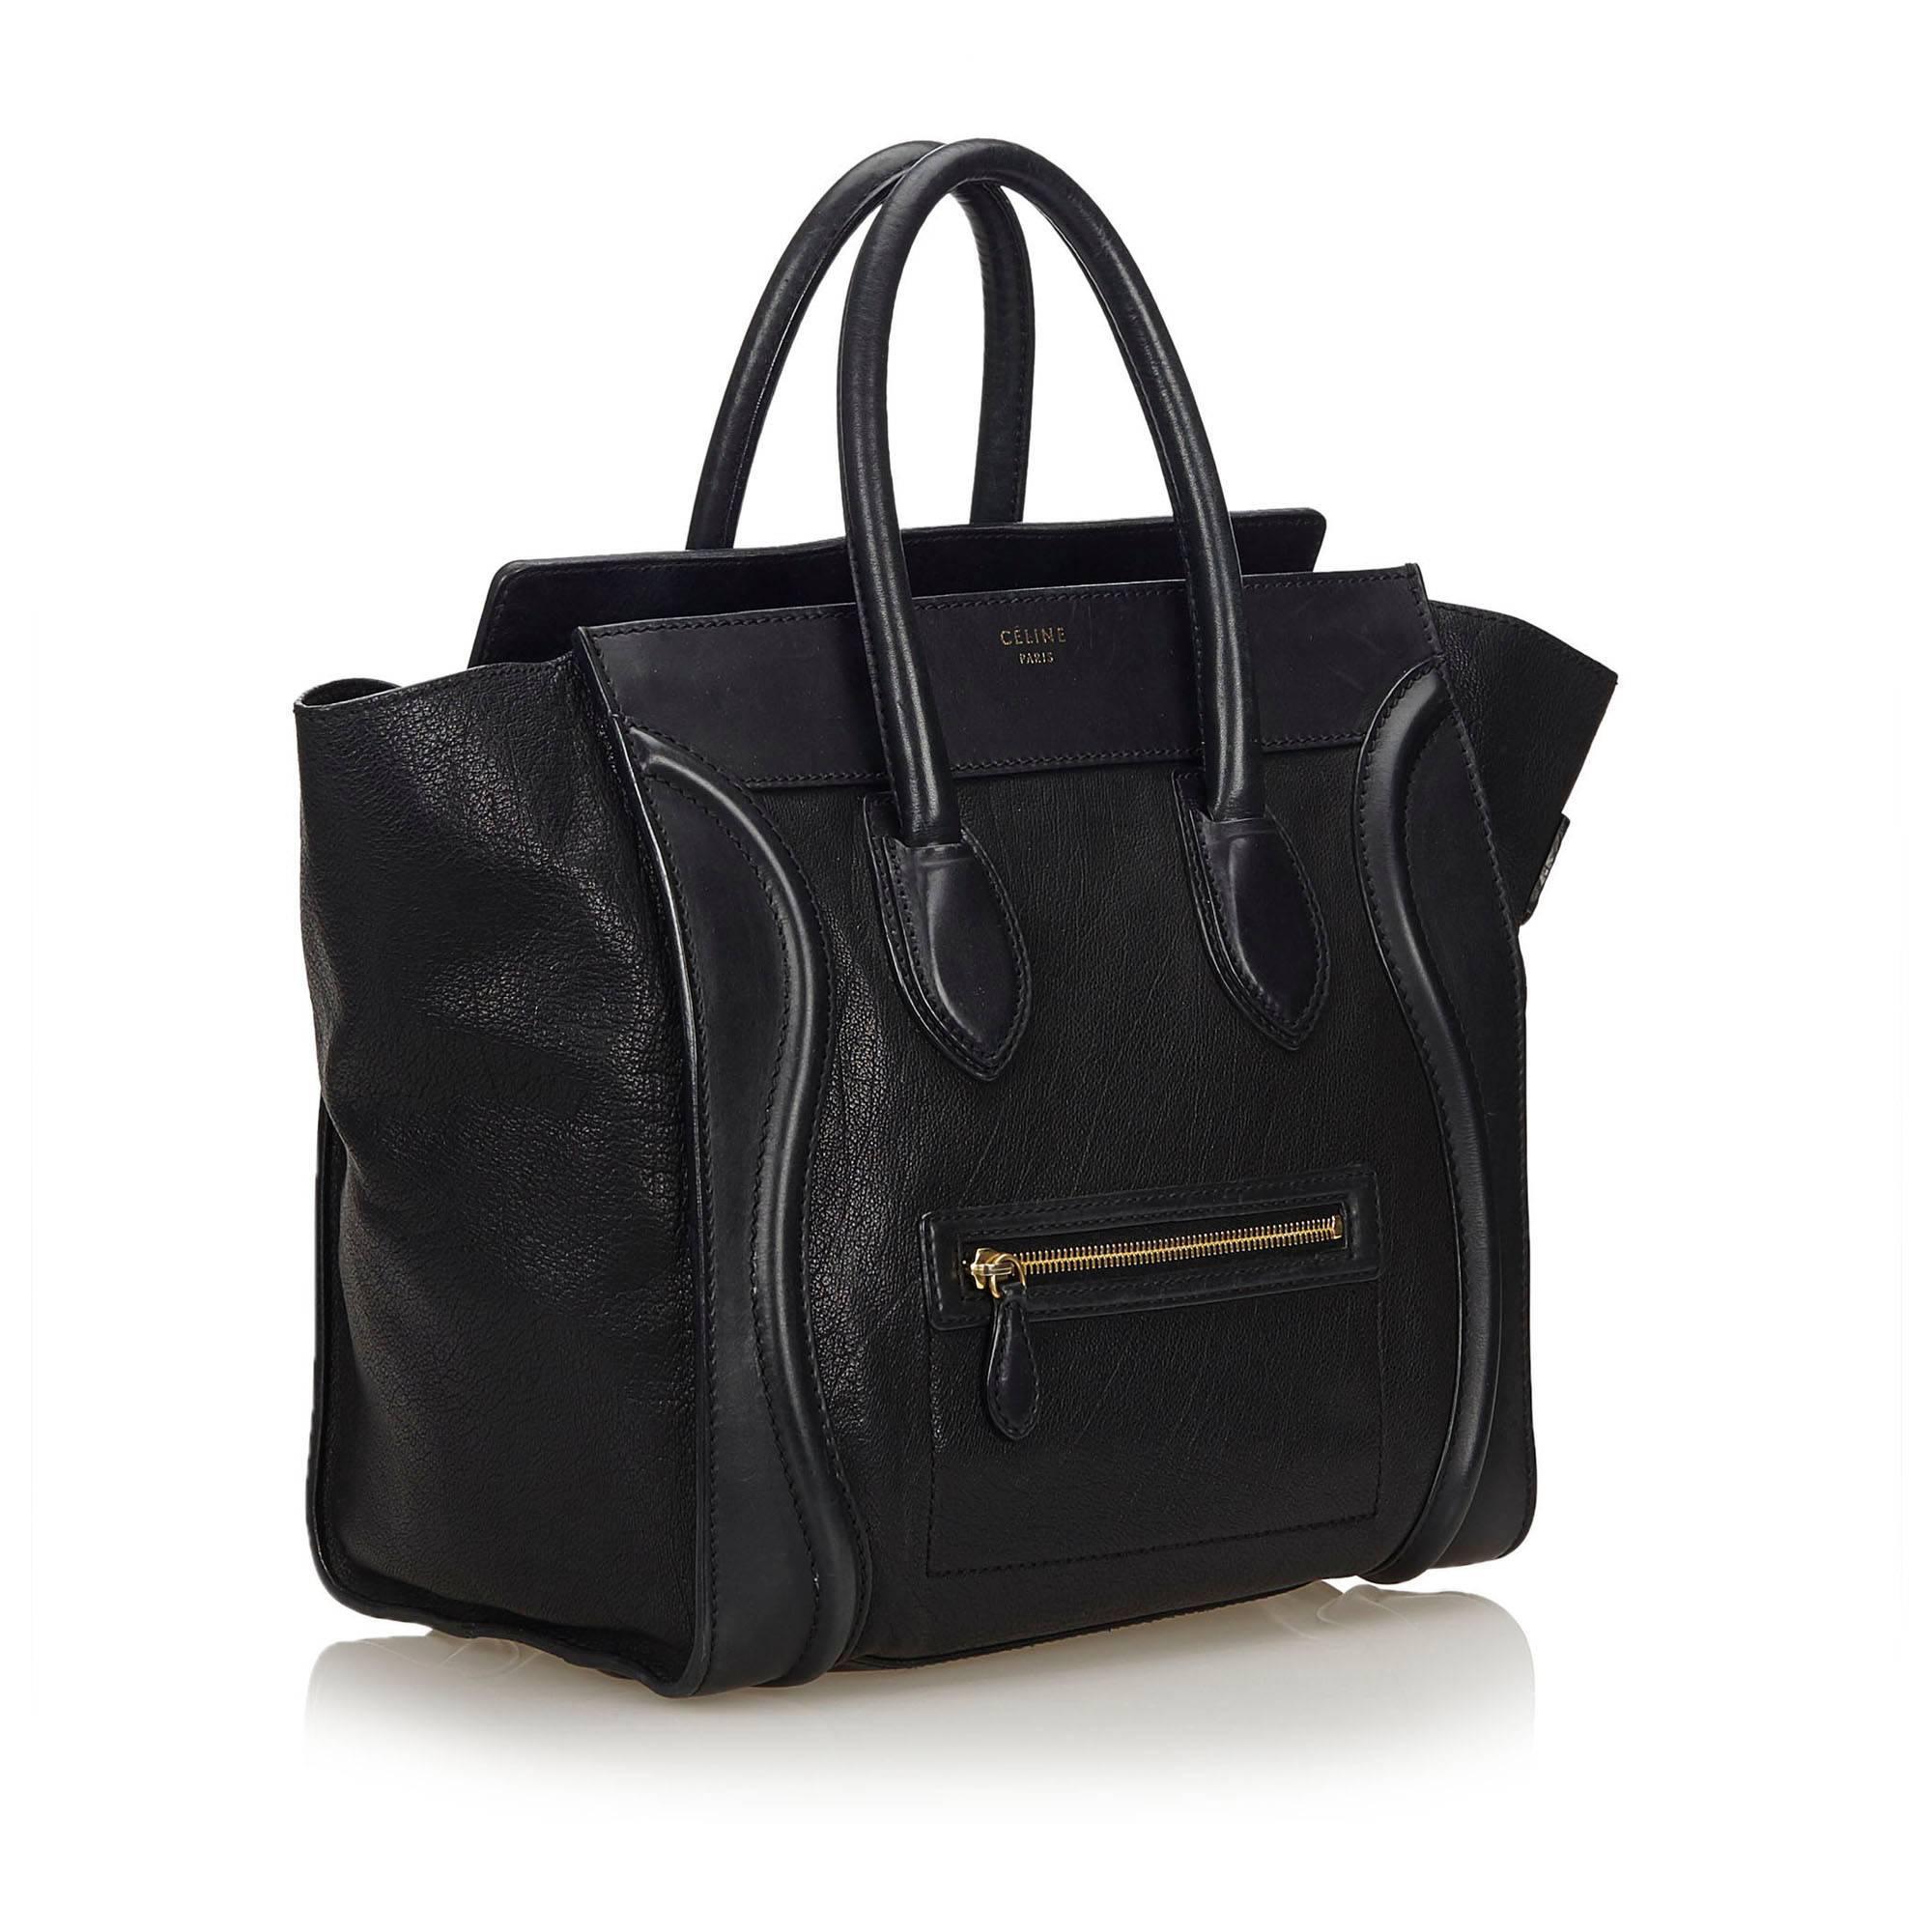 70901fe8701f6 Celine Black Large Luggage Phantom For Sale at 1stdibs